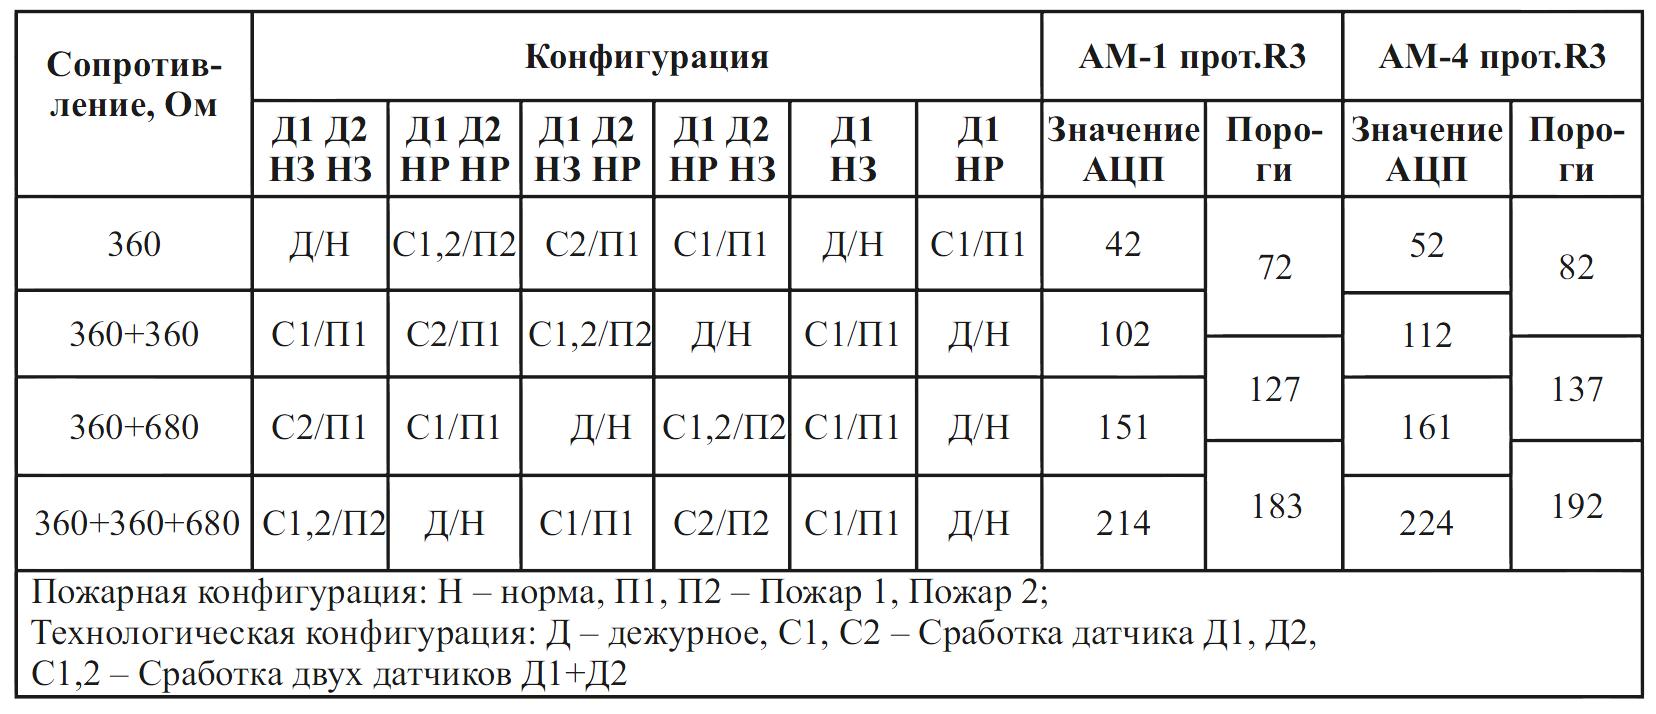 АМ-1 тыблица порогов.PNG